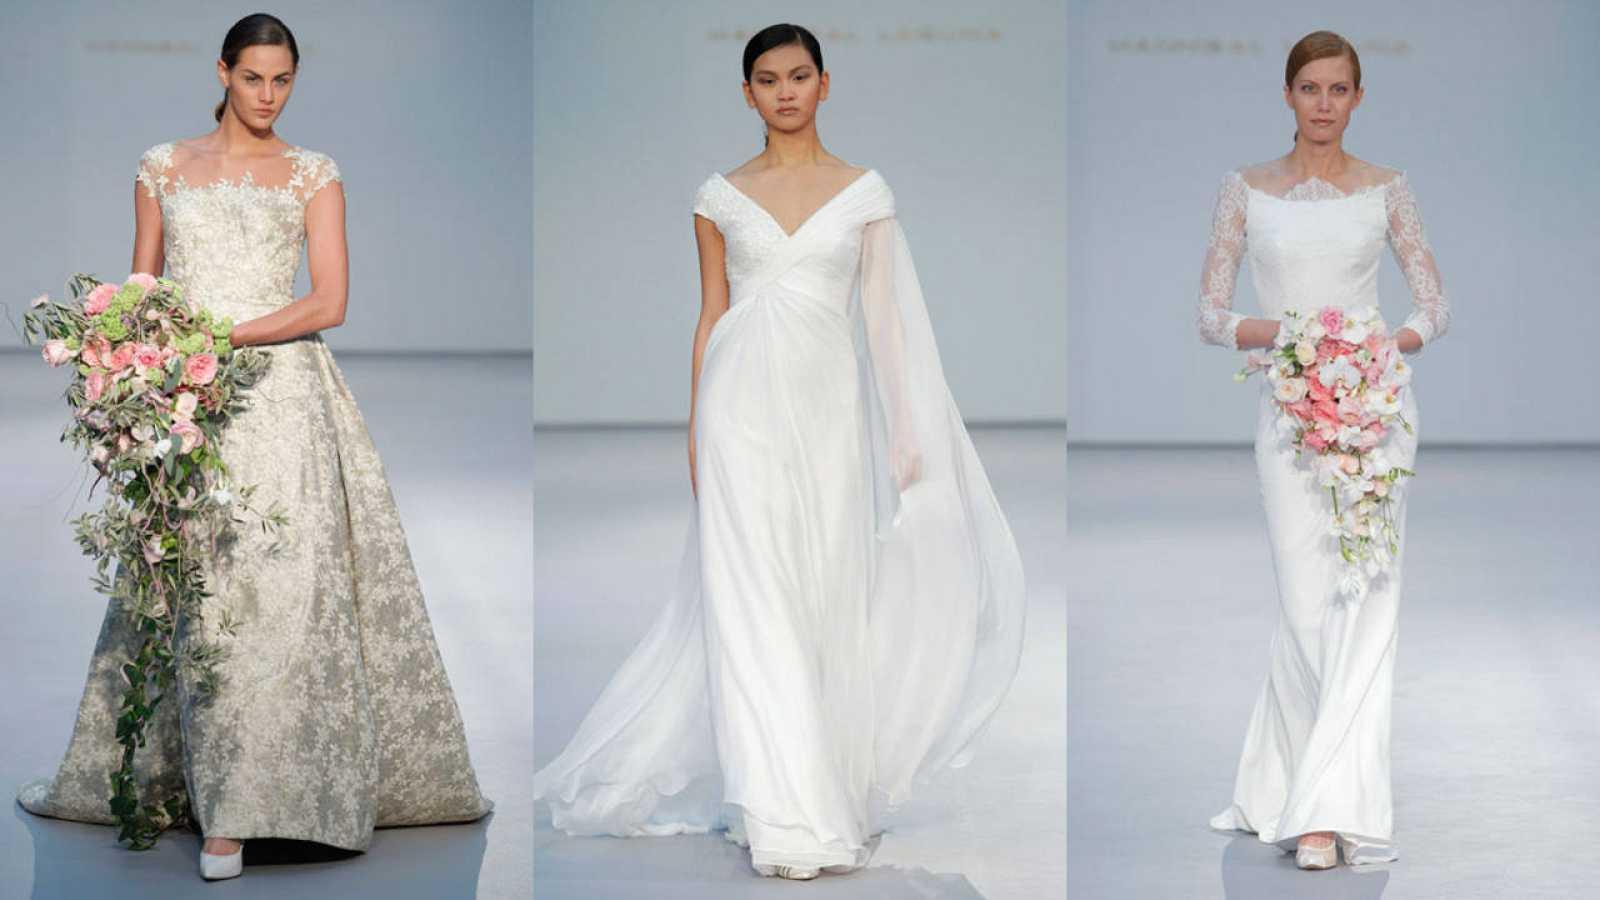 Rocio Carrasco luce dos vestidos de Hannibal Laguna en su boda